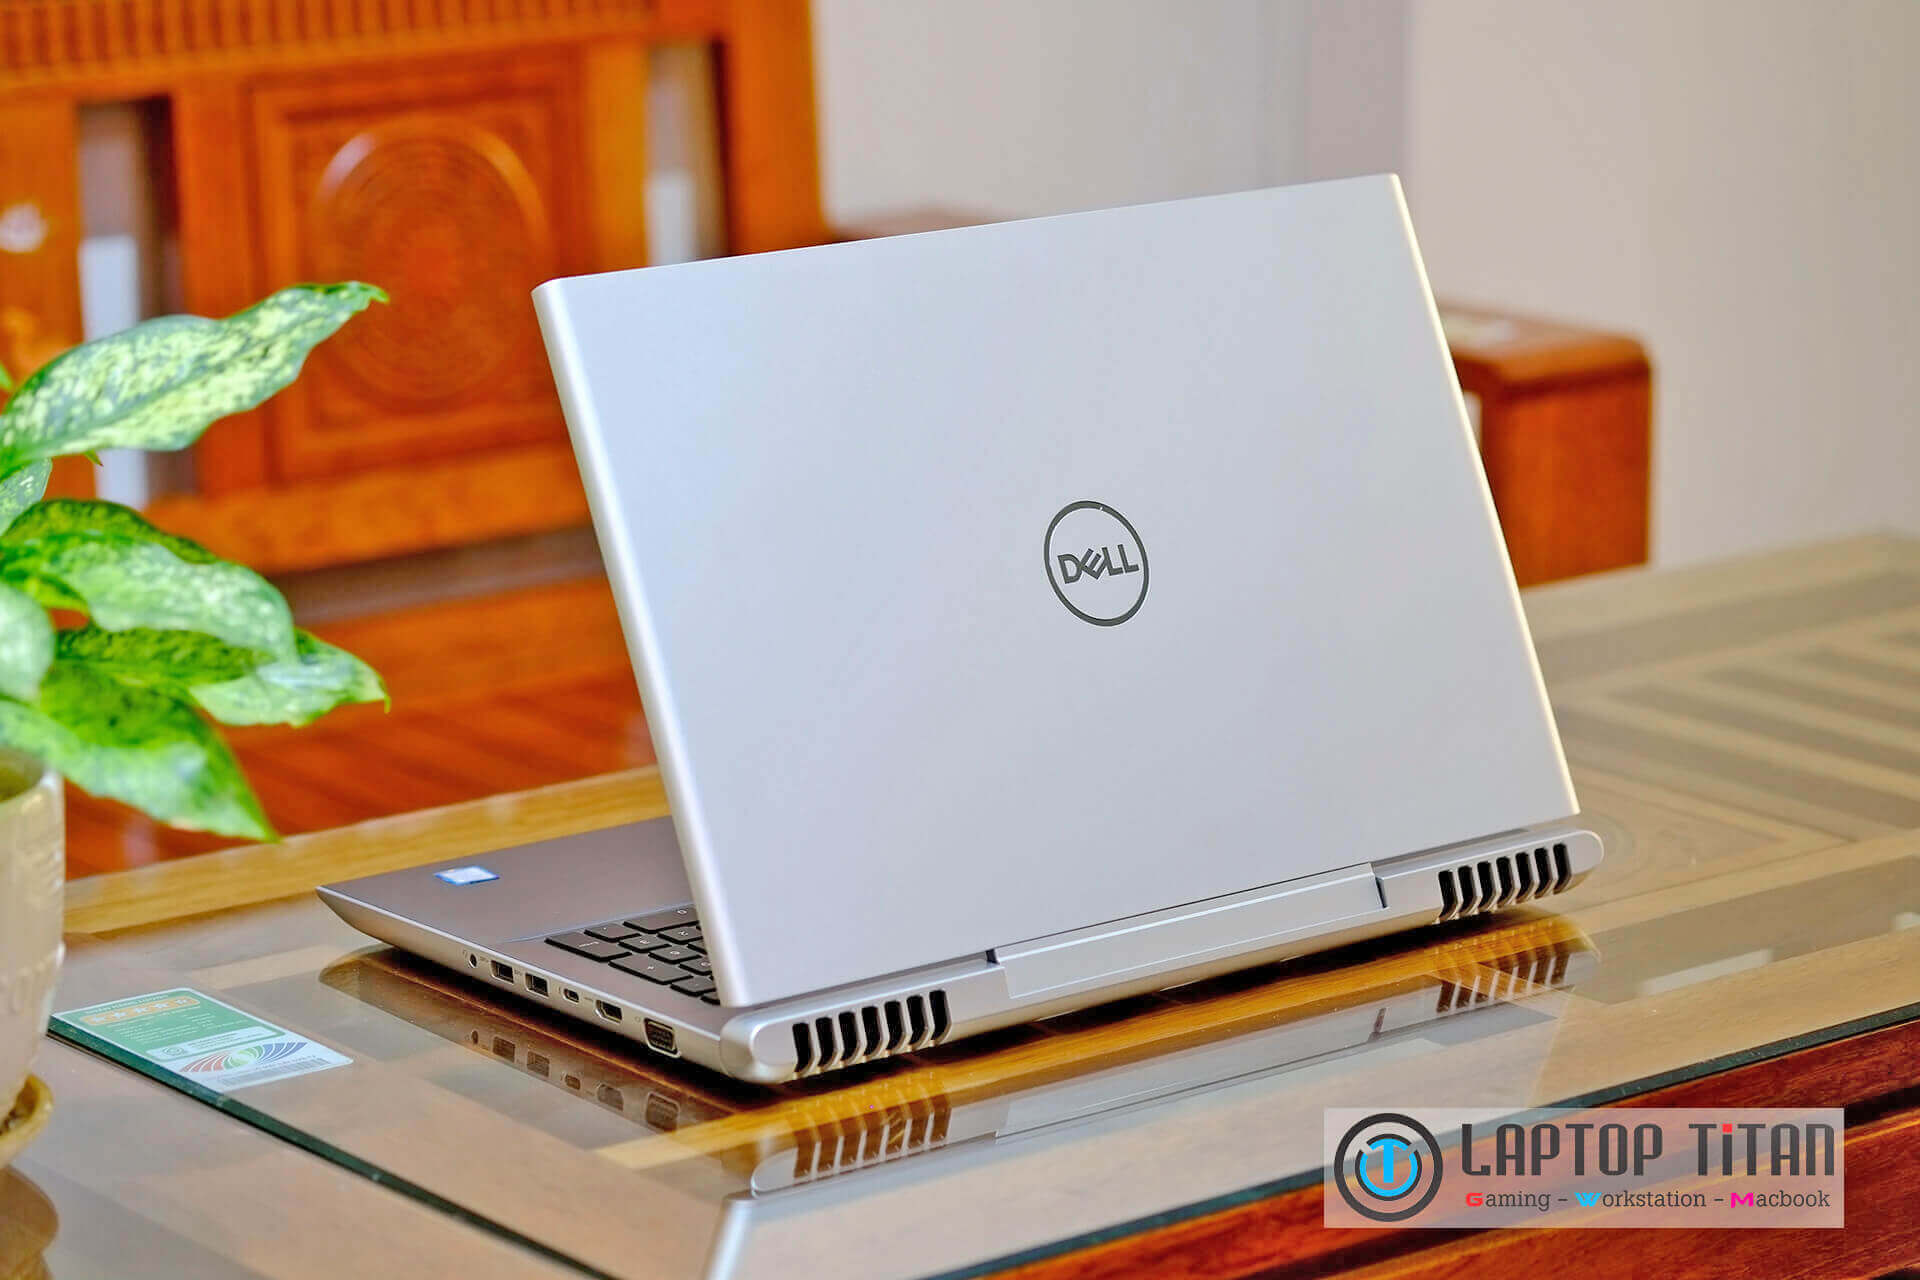 Dell Vostro 7570 Core i7 7700HQ / 8GB / 256GB + 1TB / GTX 1050Ti 4GB / 15.6-inch FHD